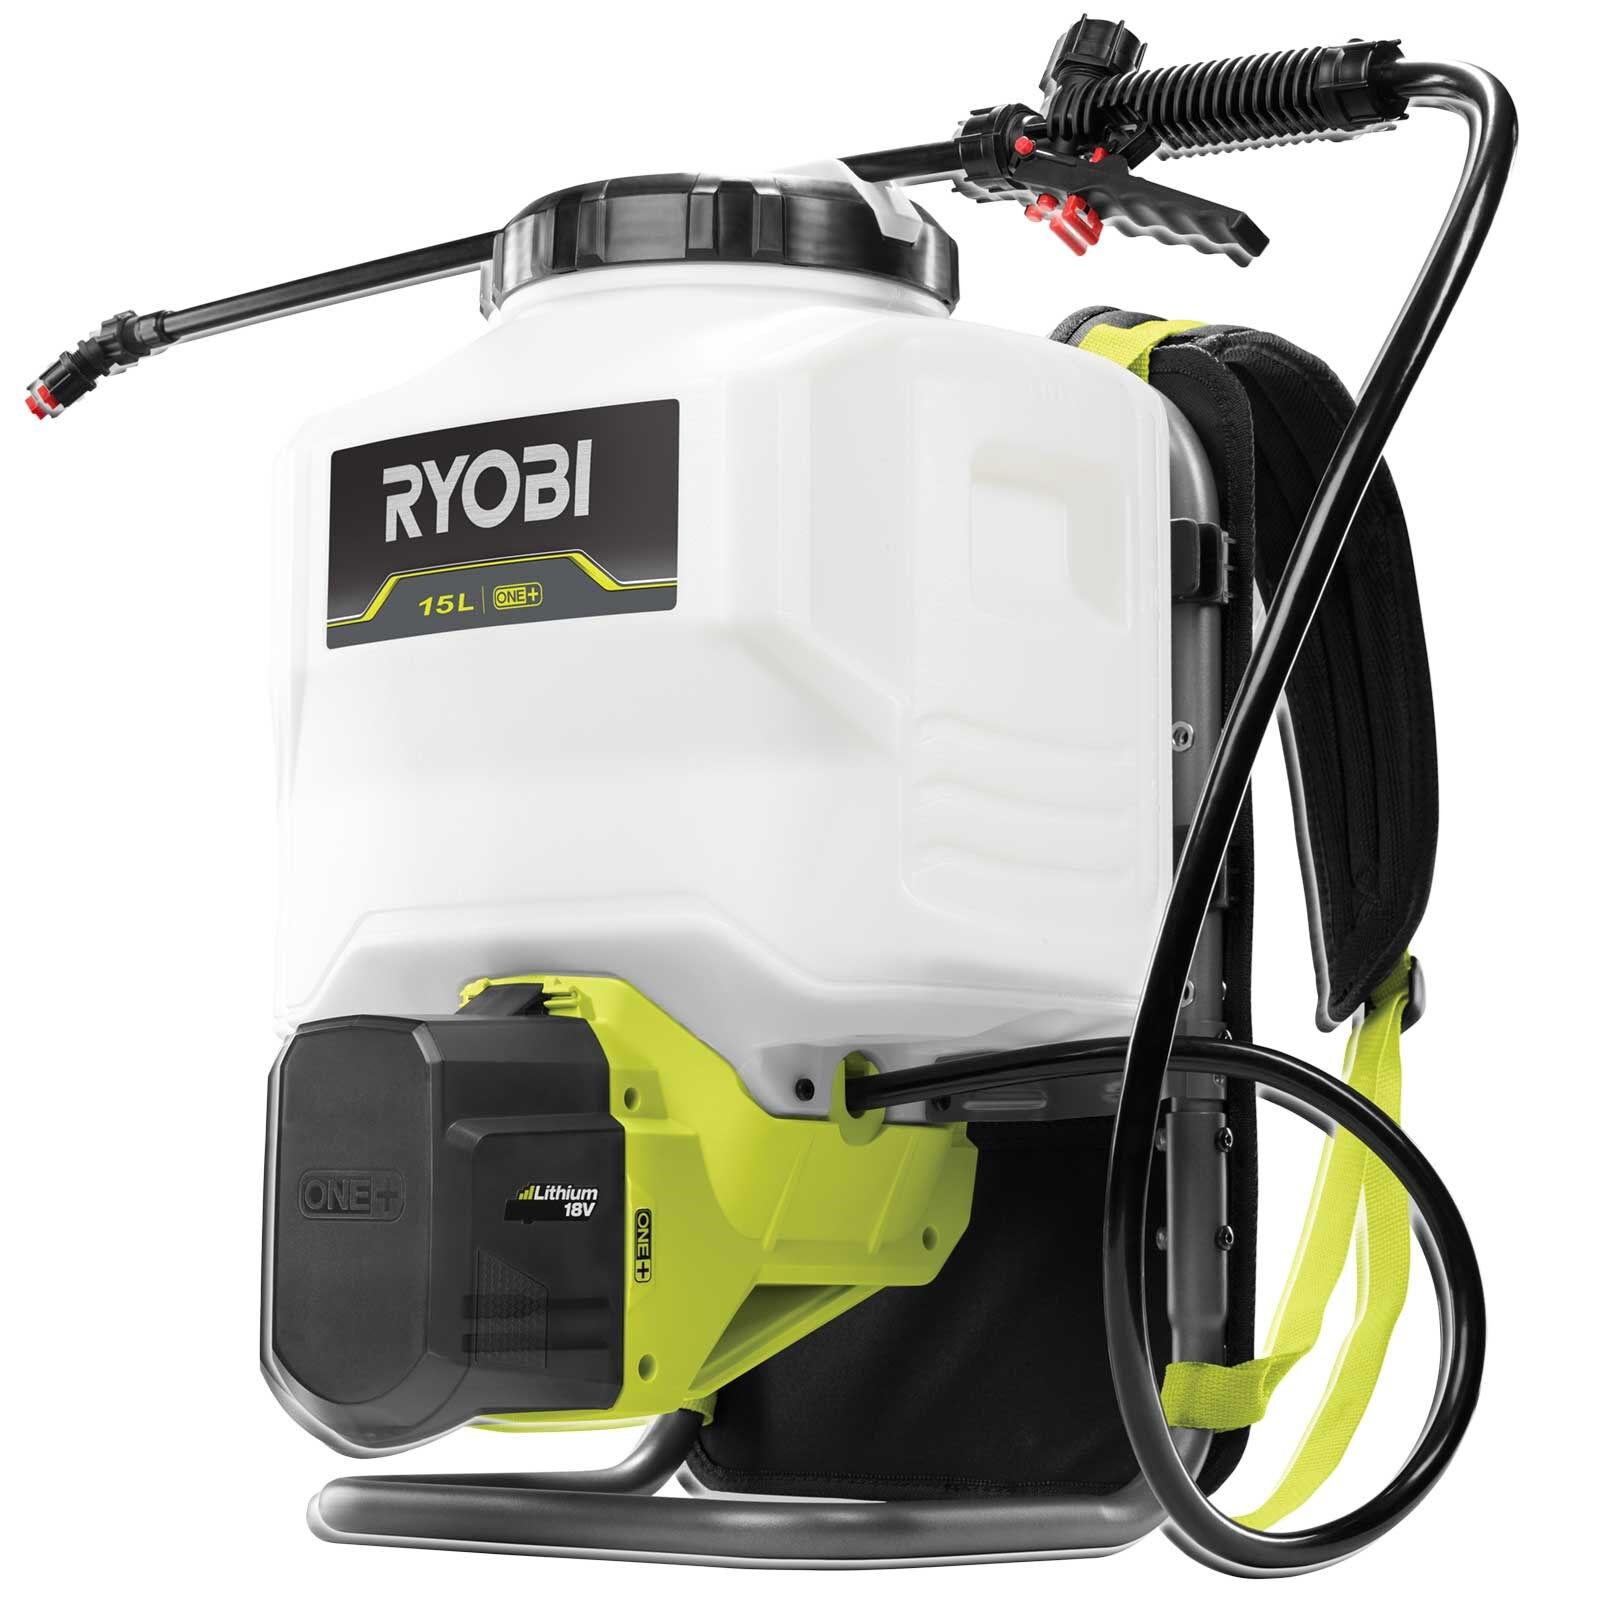 ryobi ry18bpsa-0 irroratore a pressione a zaino a batteria 18v one+ / solo corpo macchina